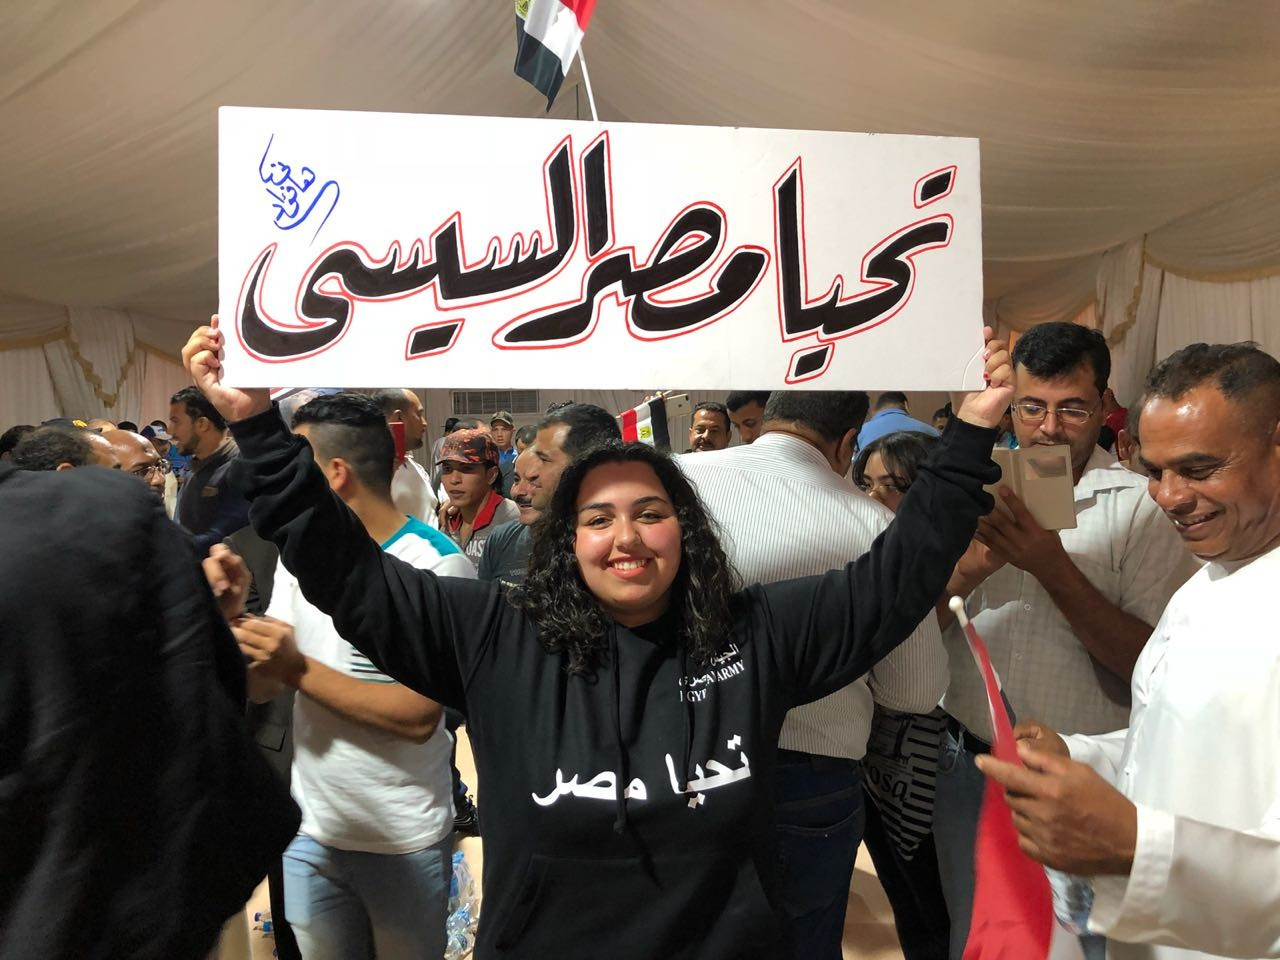 كبار السن من أبناء الجالية المصرية بالإمارات يدلون بأصواتهم في الانتخابات الرئاسية